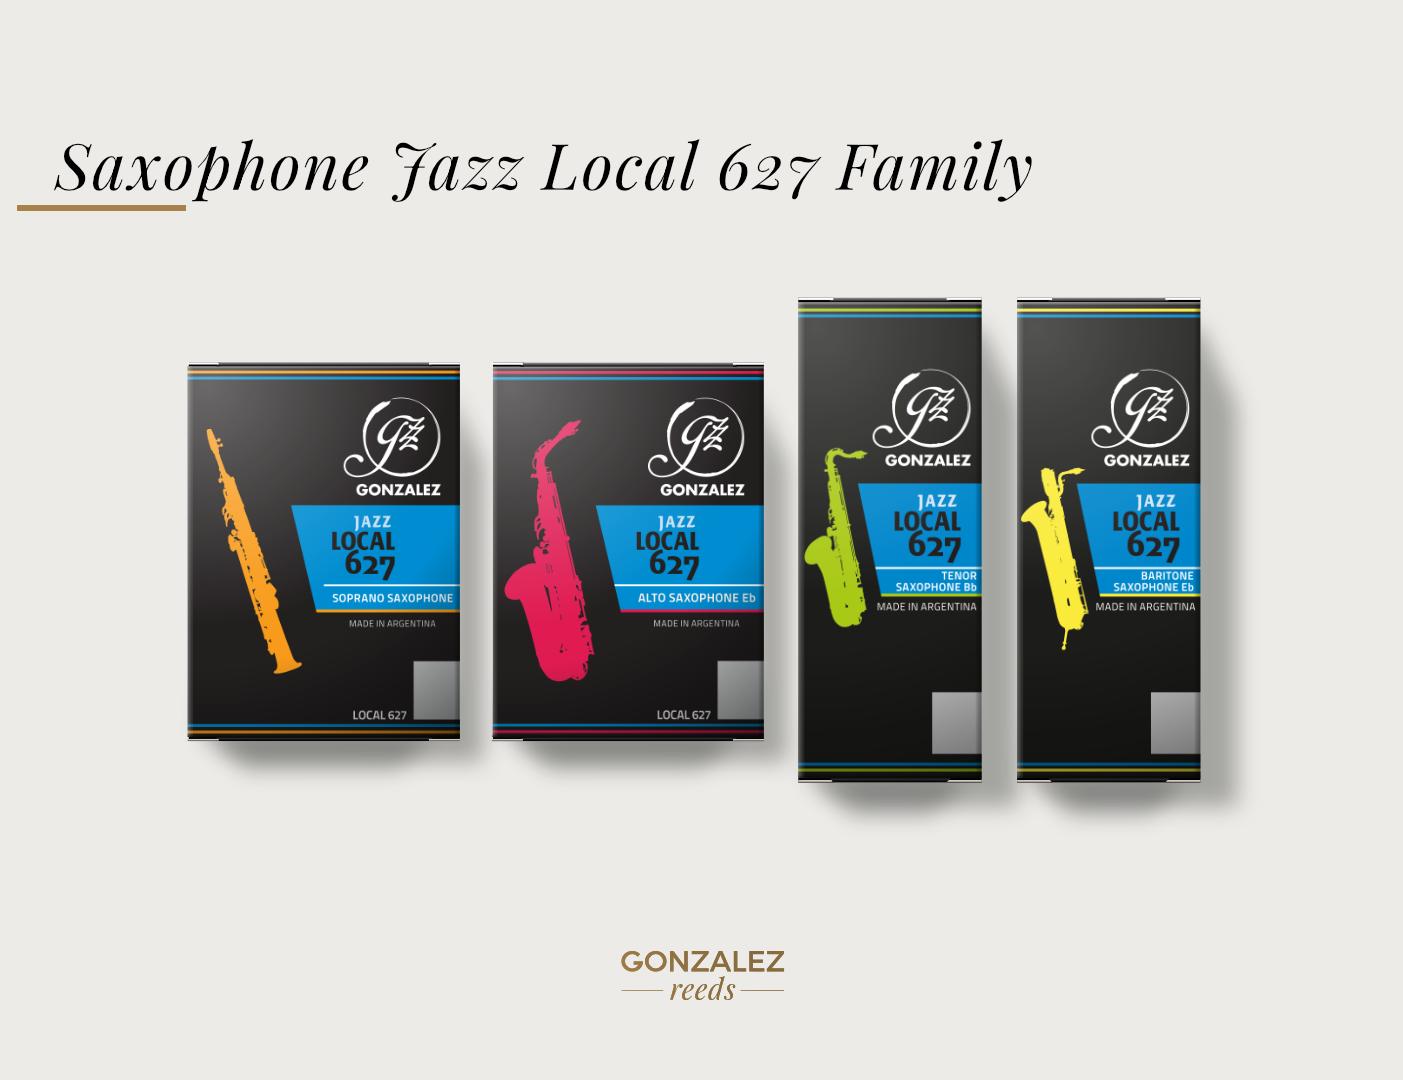 GONZALEZ JAZZ Reeds